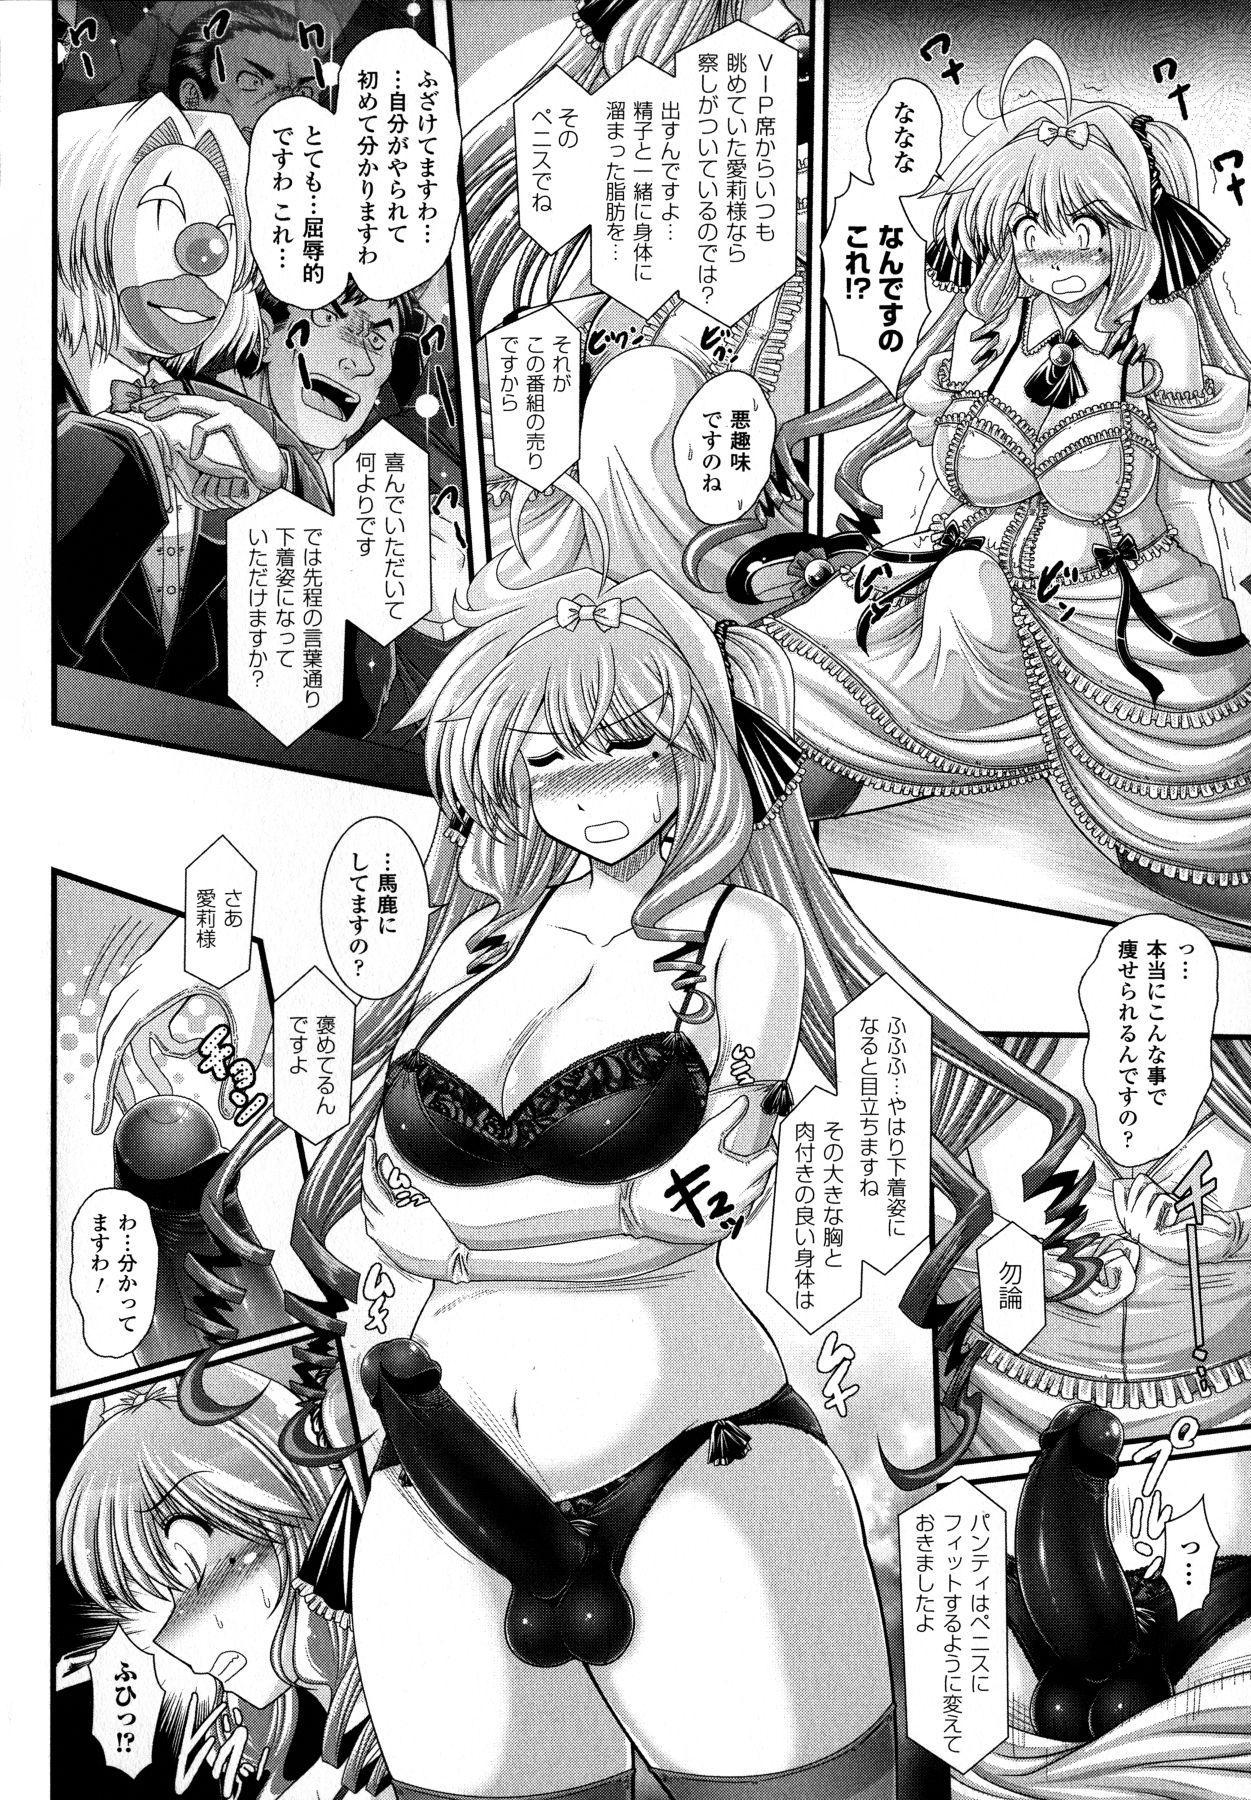 Akuma no Shitsumon 135